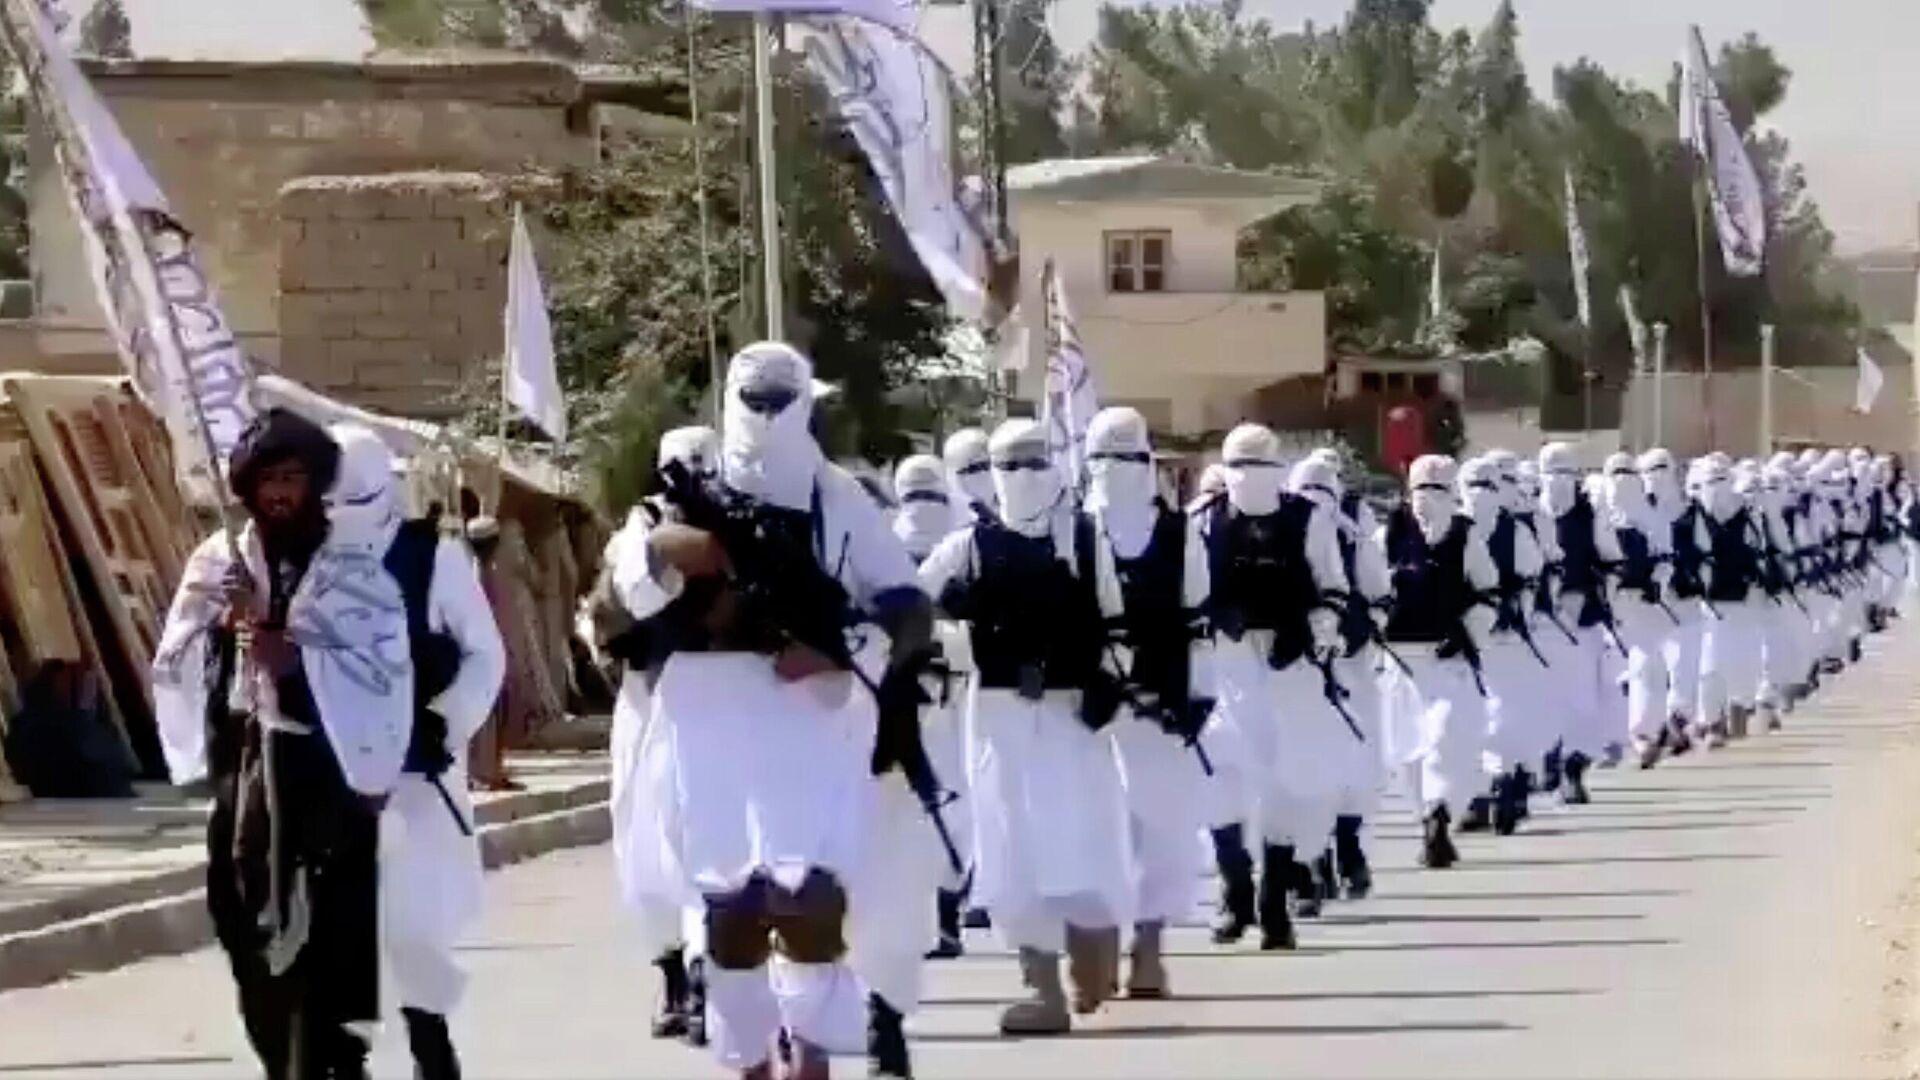 Unos talibanes marchan en las calles de Qalat, Afganistán - Sputnik Mundo, 1920, 03.09.2021